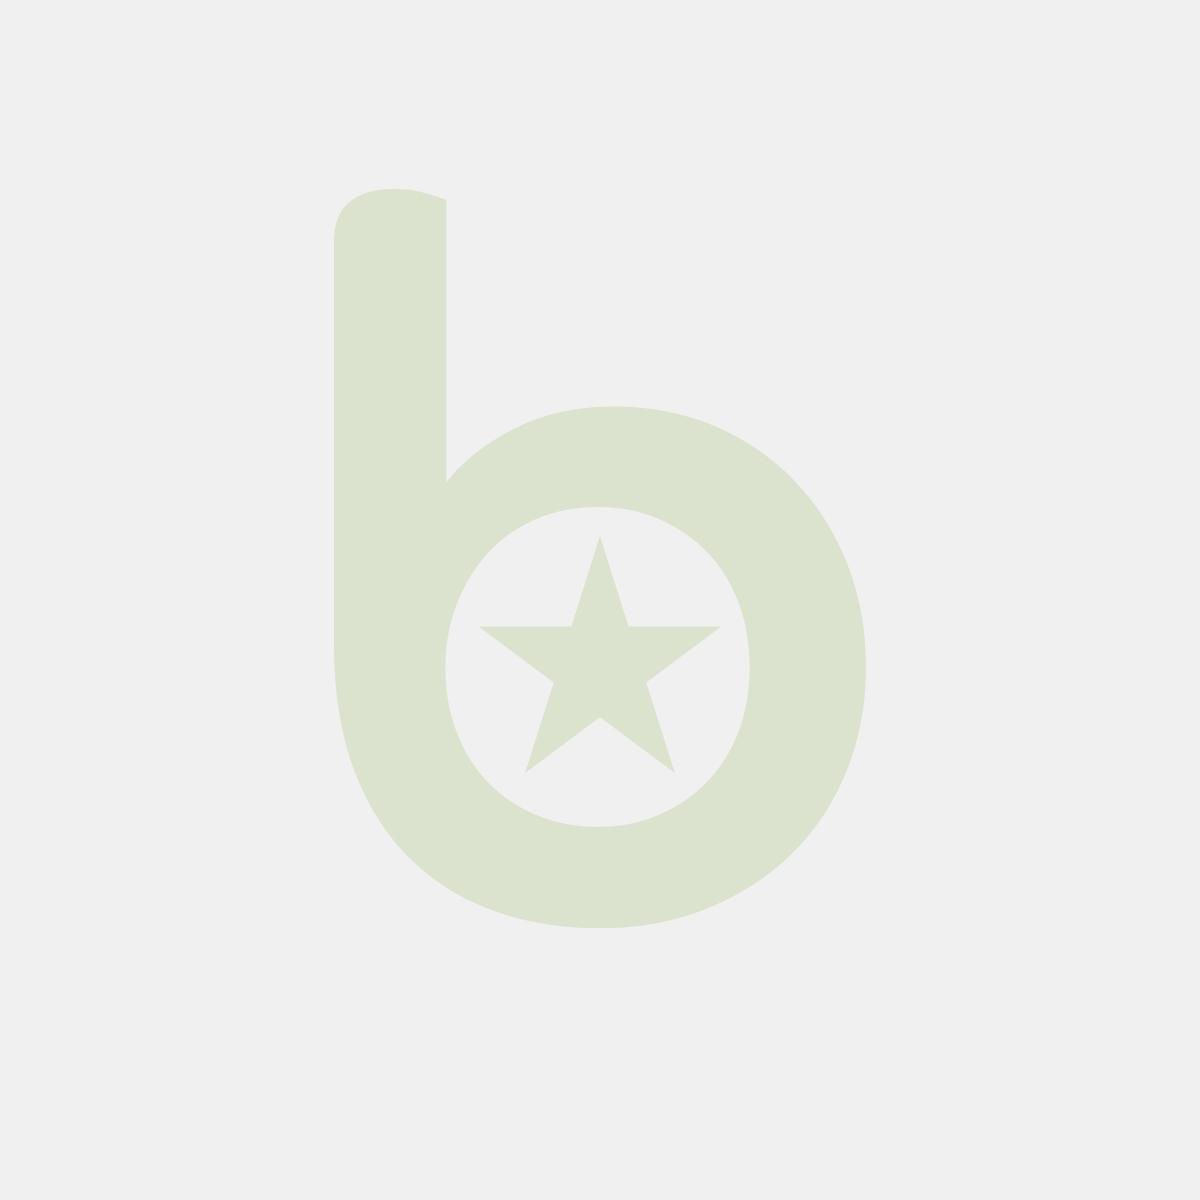 FINGERFOOD - Miseczki z drewna, 8,5 cm x 5,5 cm,